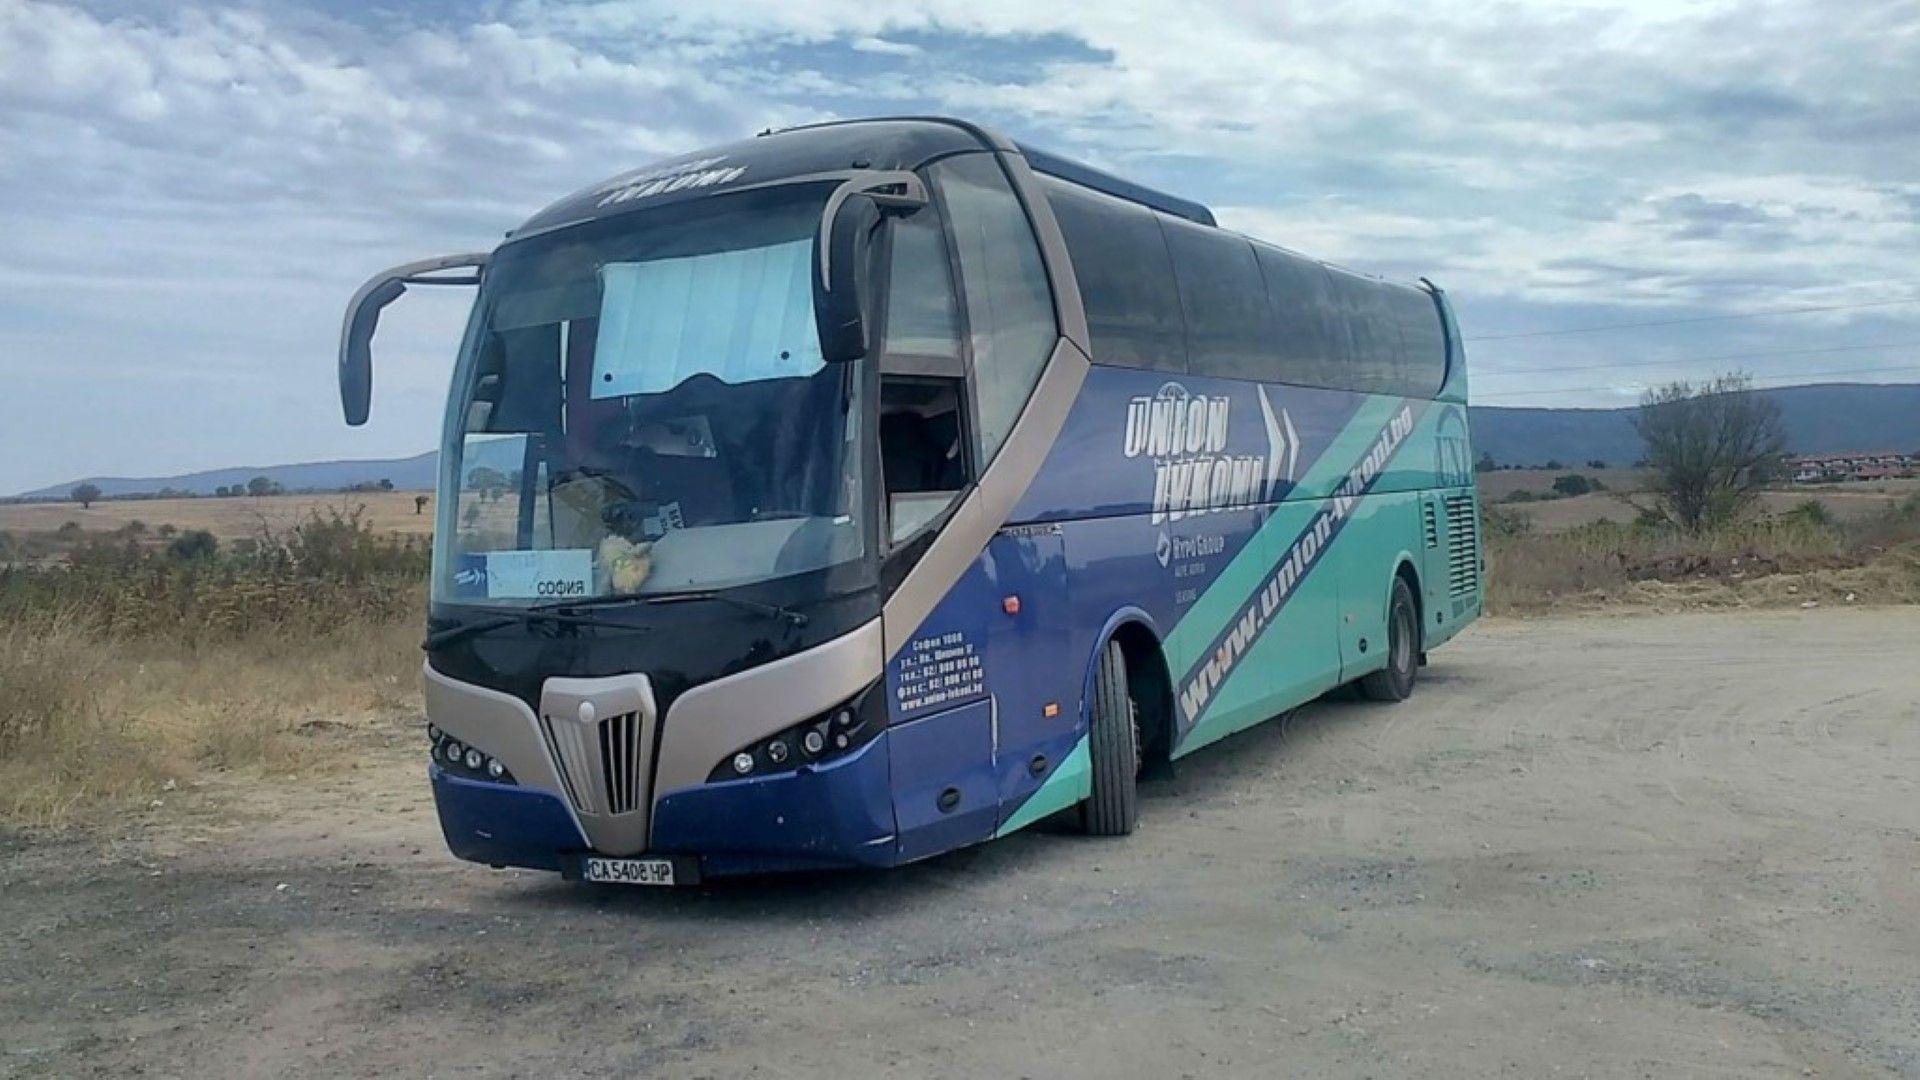 Българи останаха 17 часа на пътя заради развален автобус